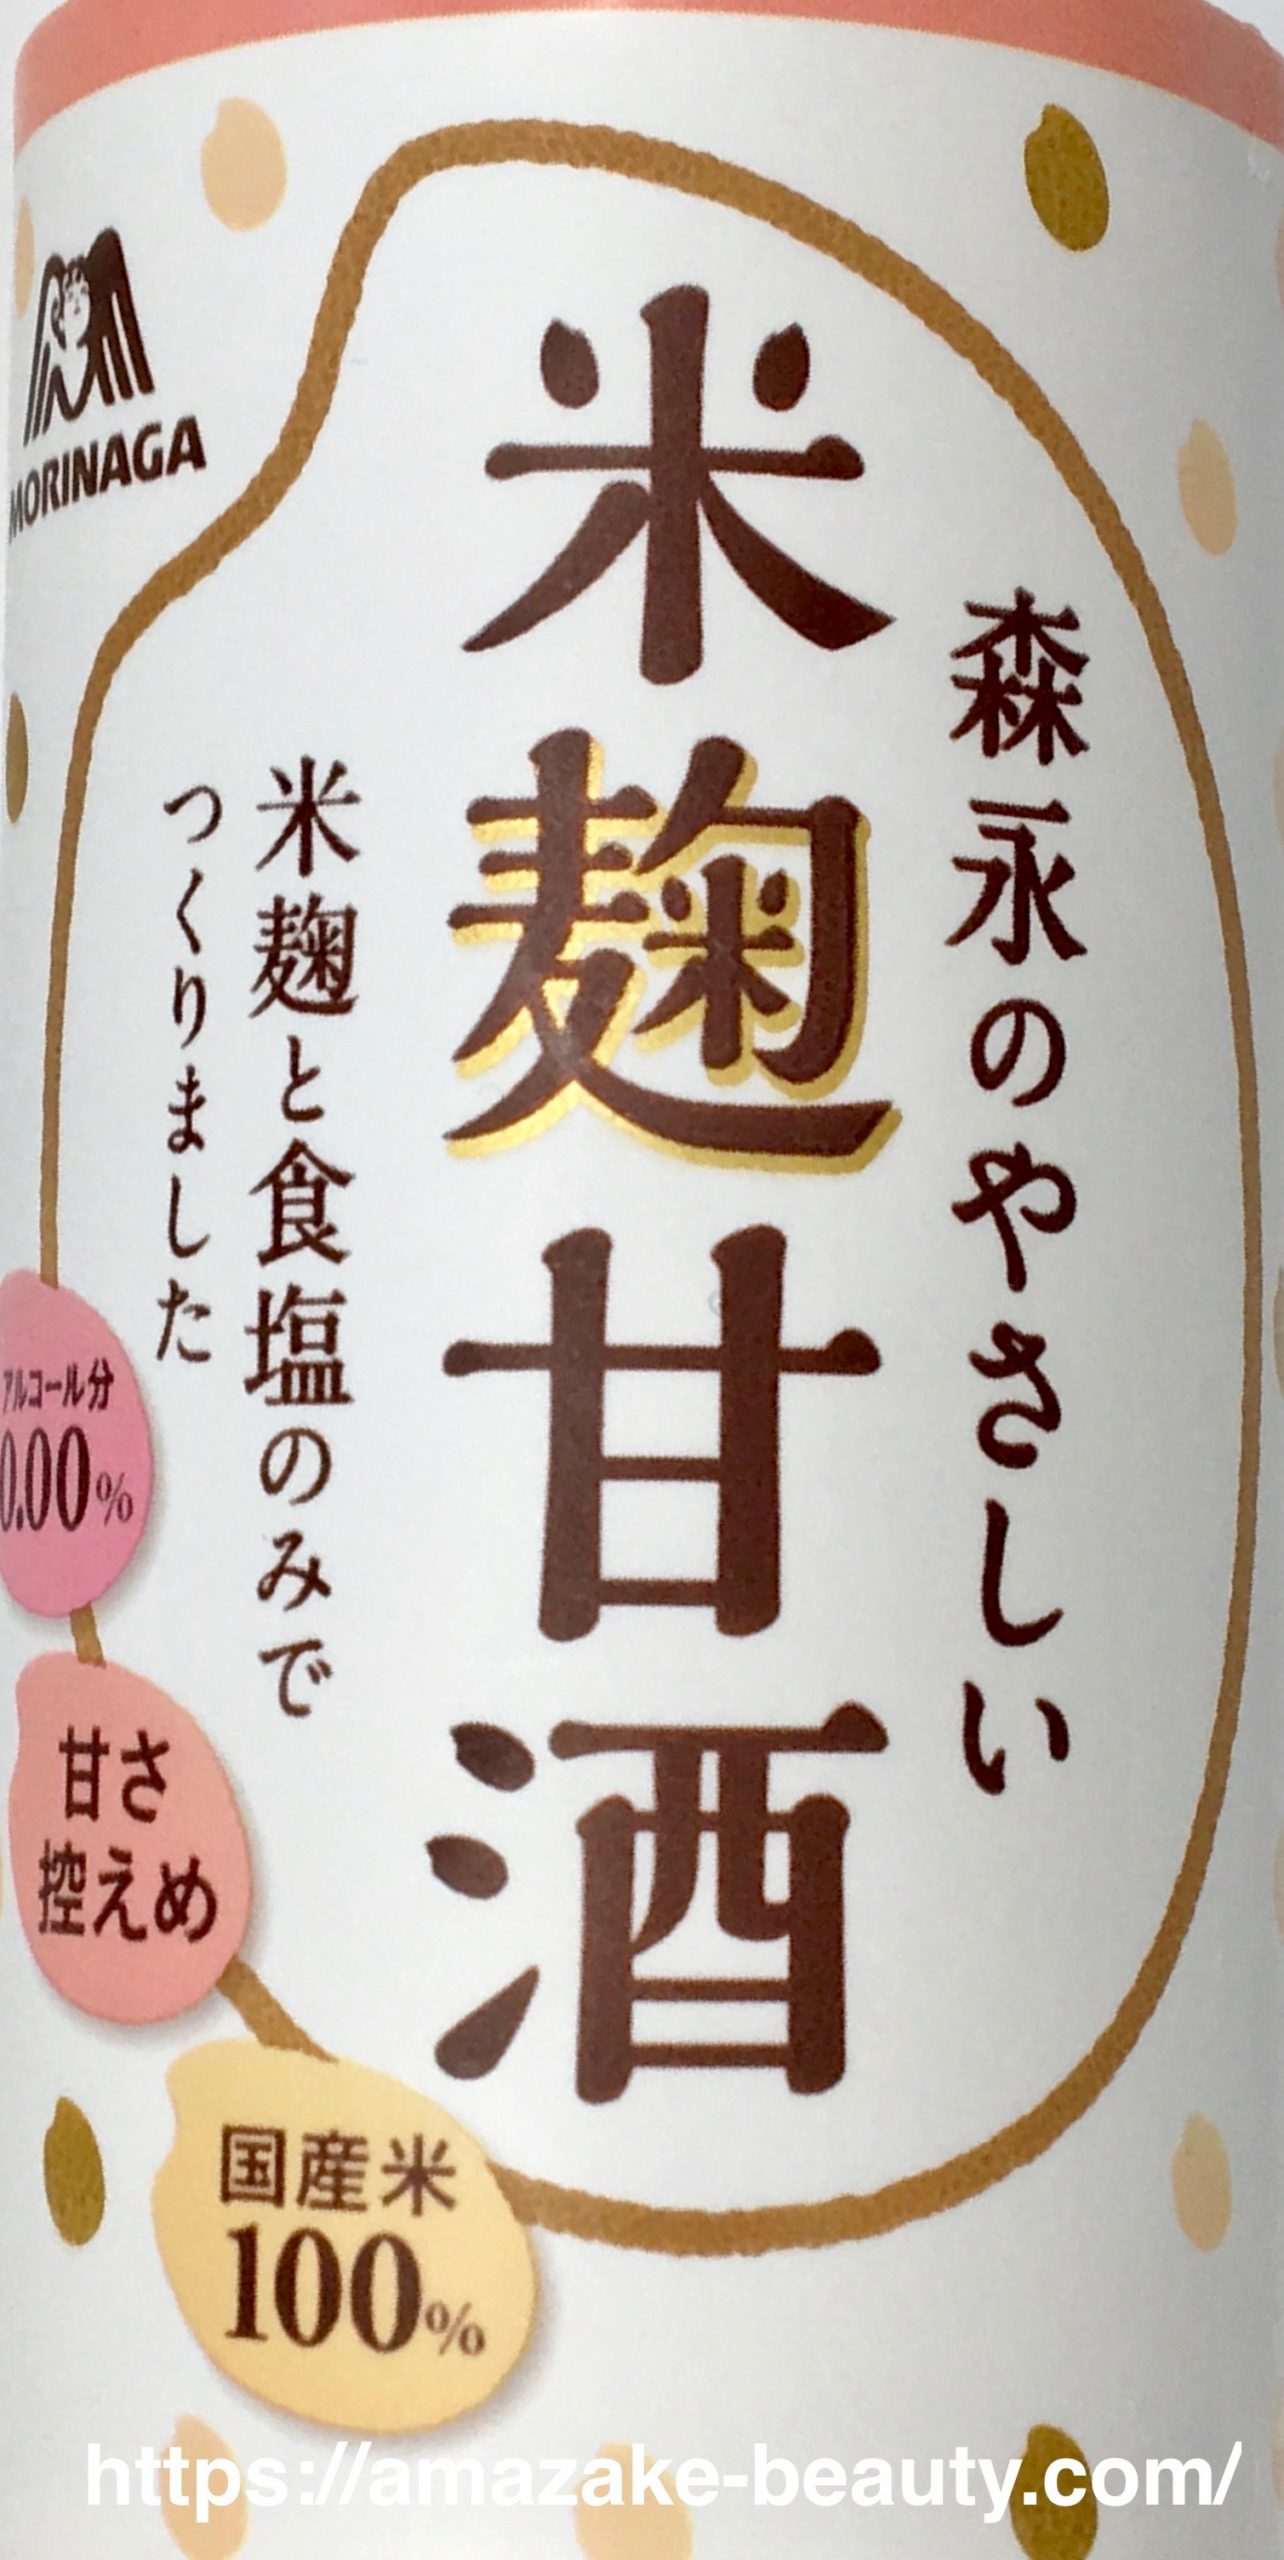 【甘酒】森永製菓『森永のやさしい米麹甘酒』(パッケージデザイン)